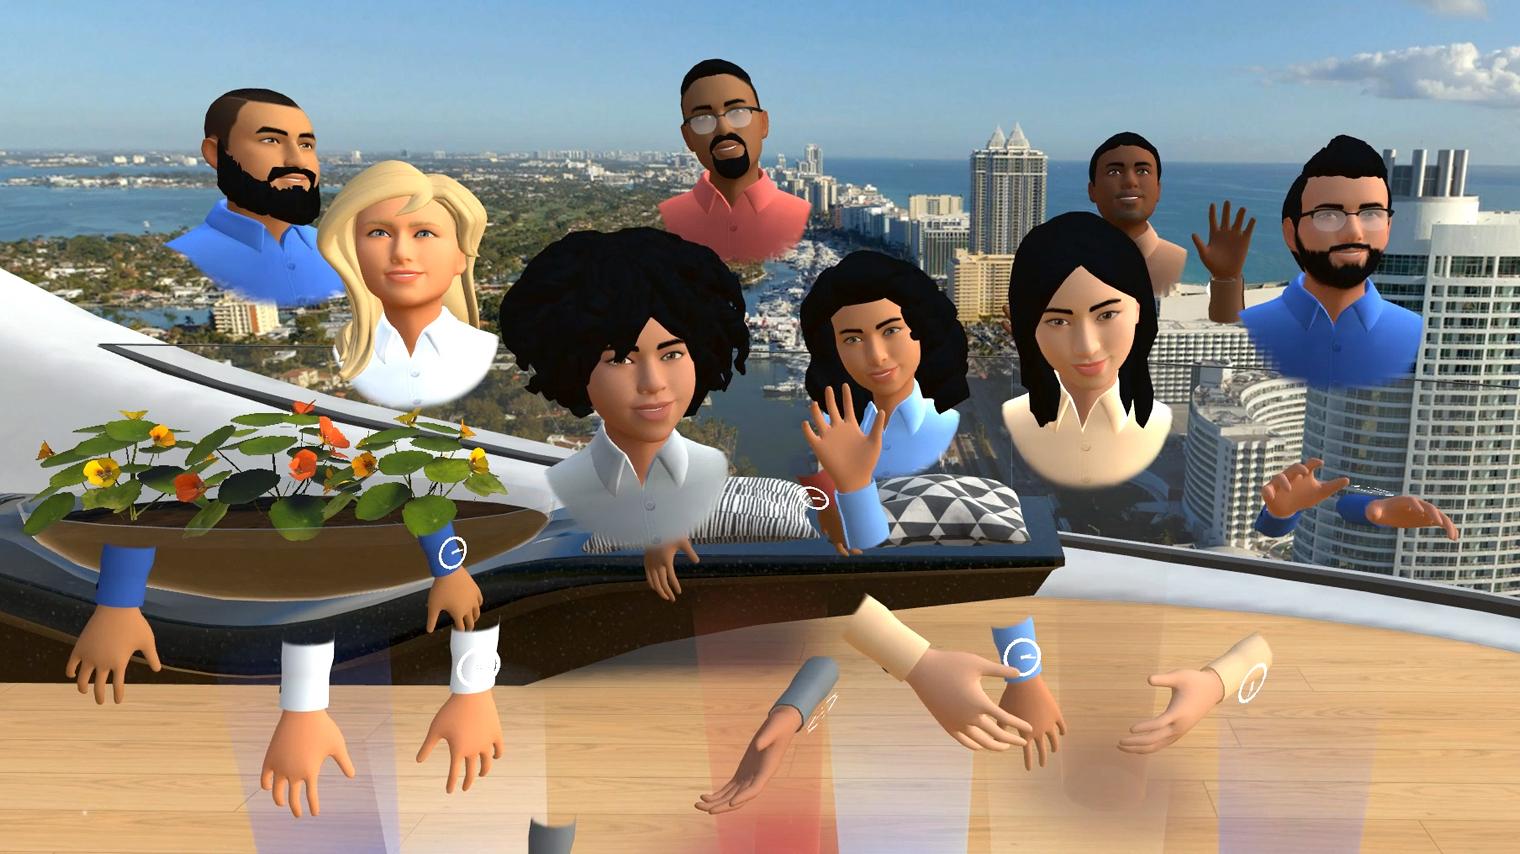 VR avatar